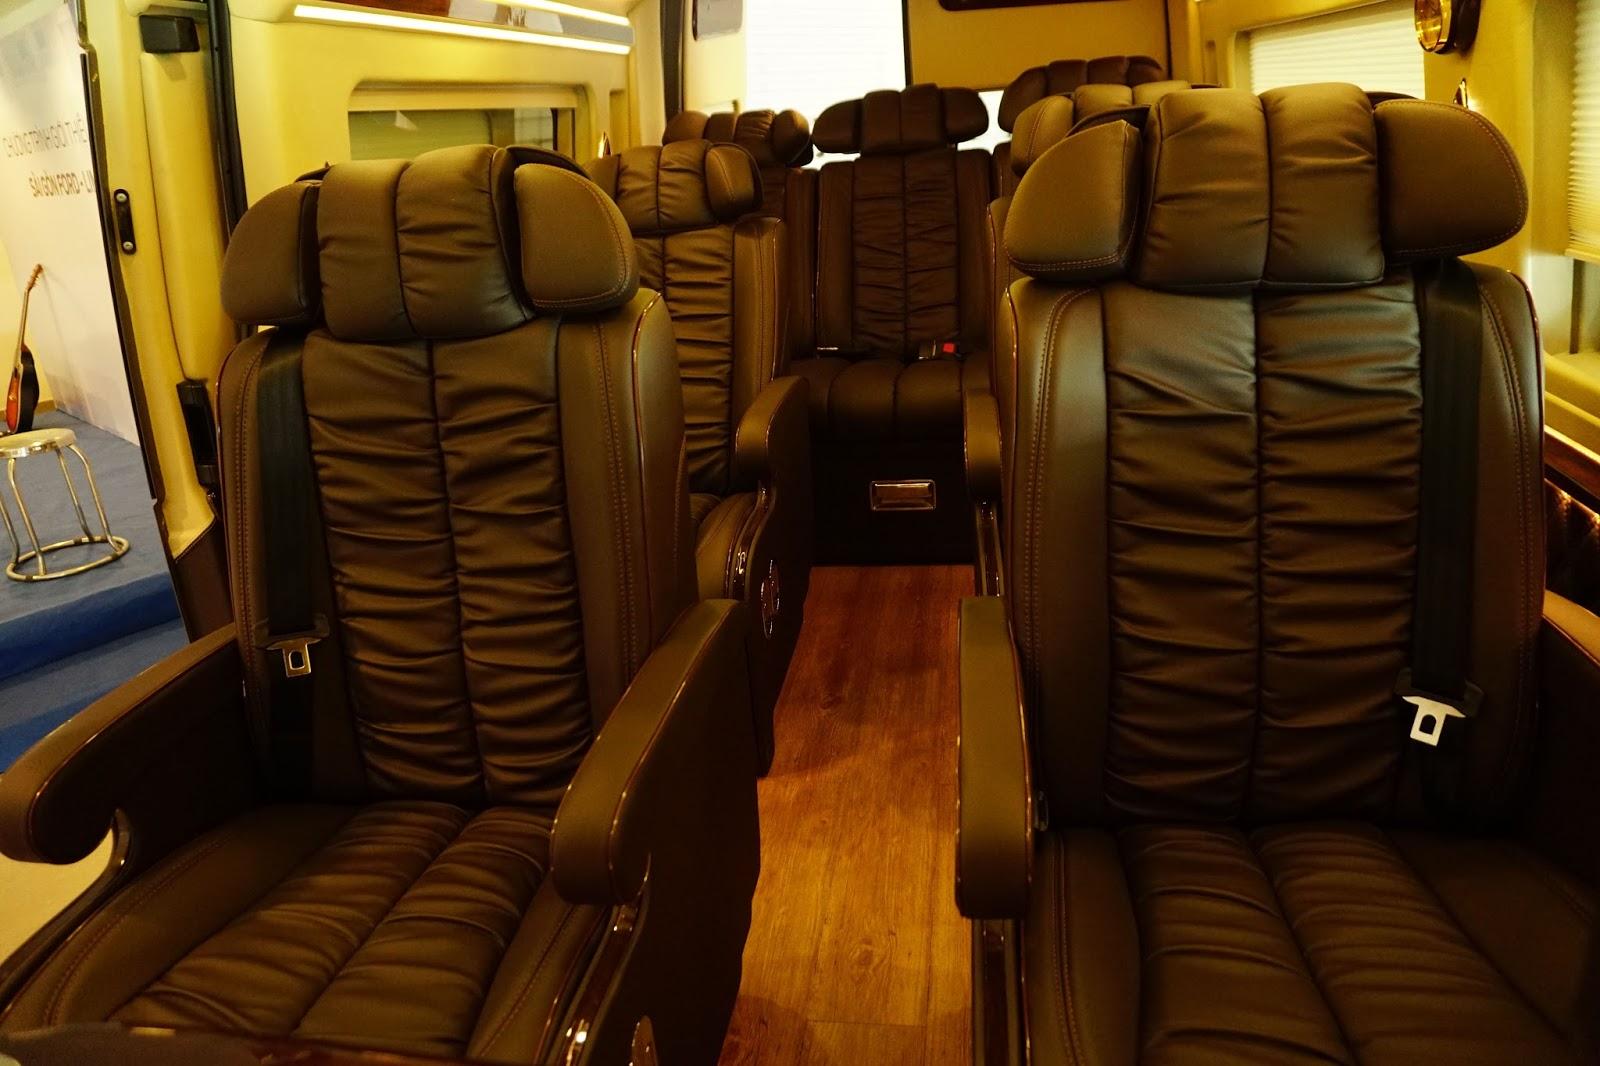 Ngoài hai vị trí ngồi trước, xe có thêm ba hàng ghế phía sau với nội thất cực sang trọng